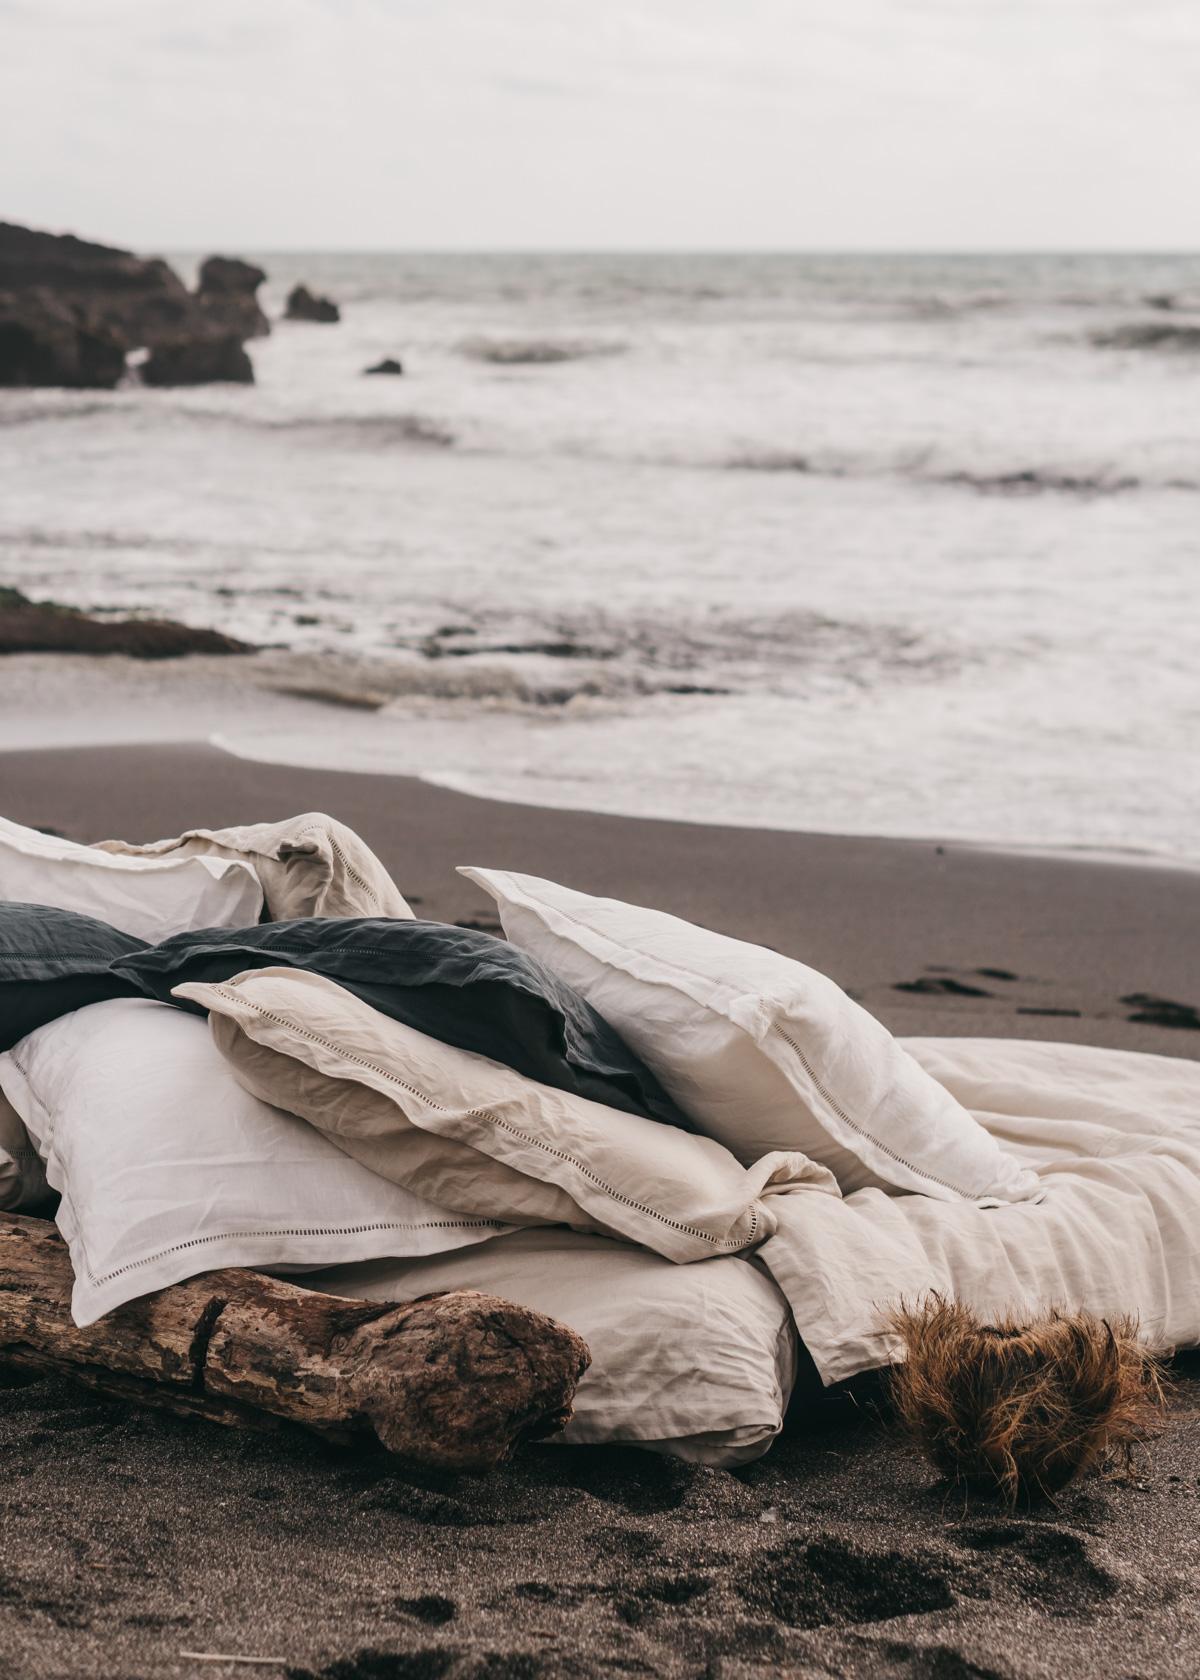 Keira-Mason-in-between-the-sheets-beach-linen.jpg